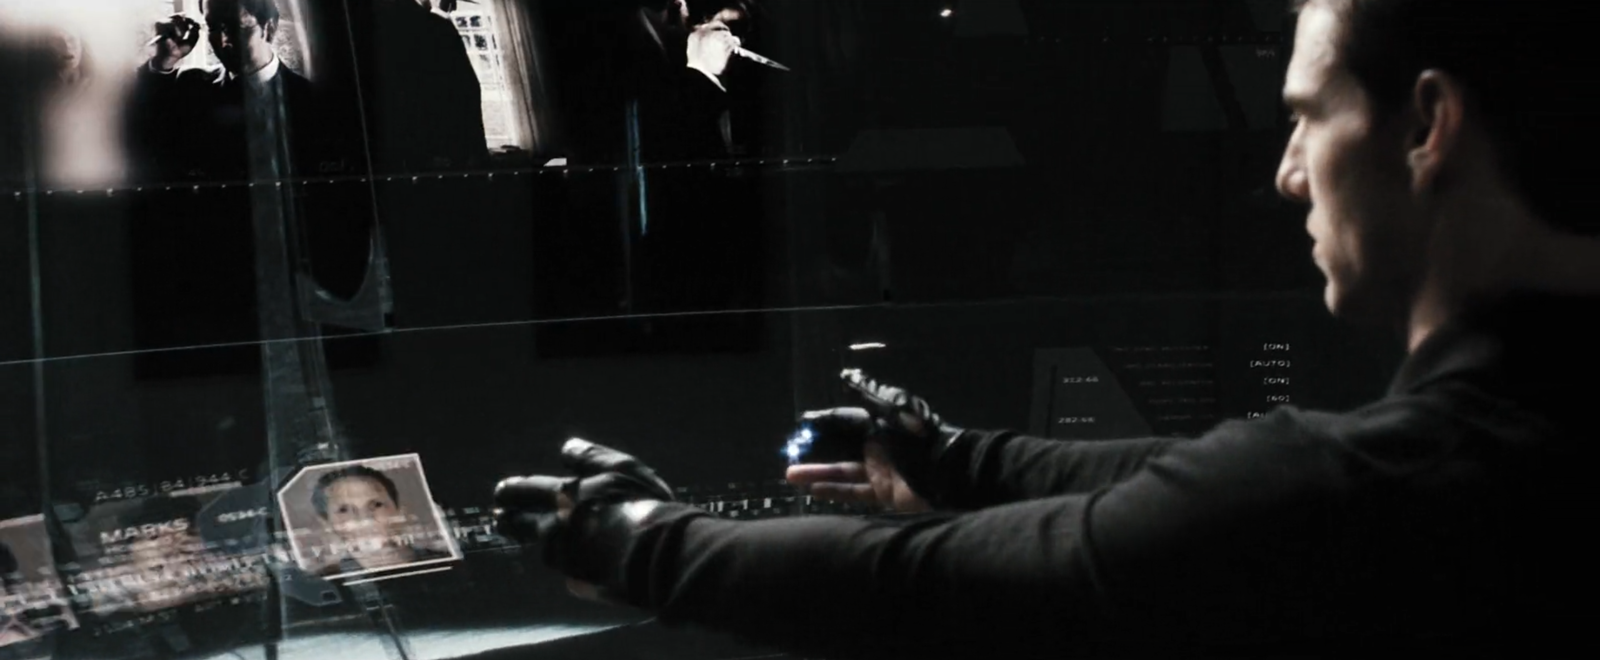 Ein Polizist analysiert mittels Gesten die Visionen. Filmstill aus Minority Report (Spielberg 2002).